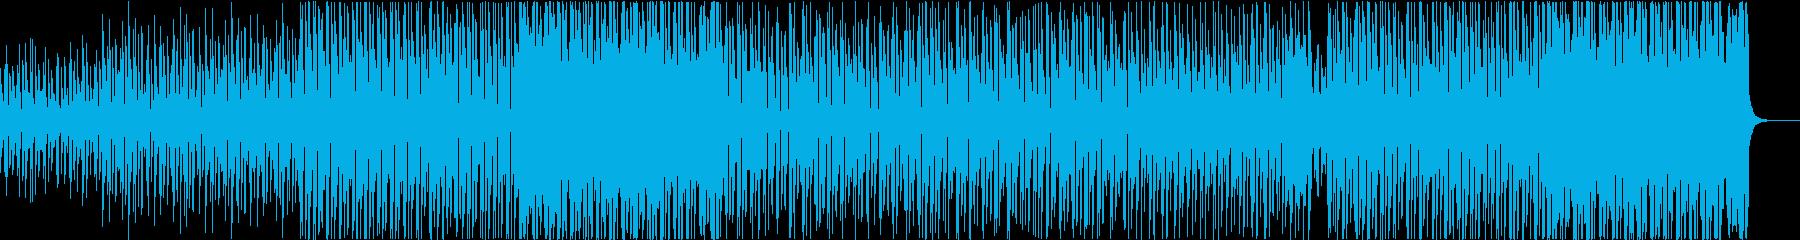 灼熱の夏 爽やか トロピカルハウスの再生済みの波形